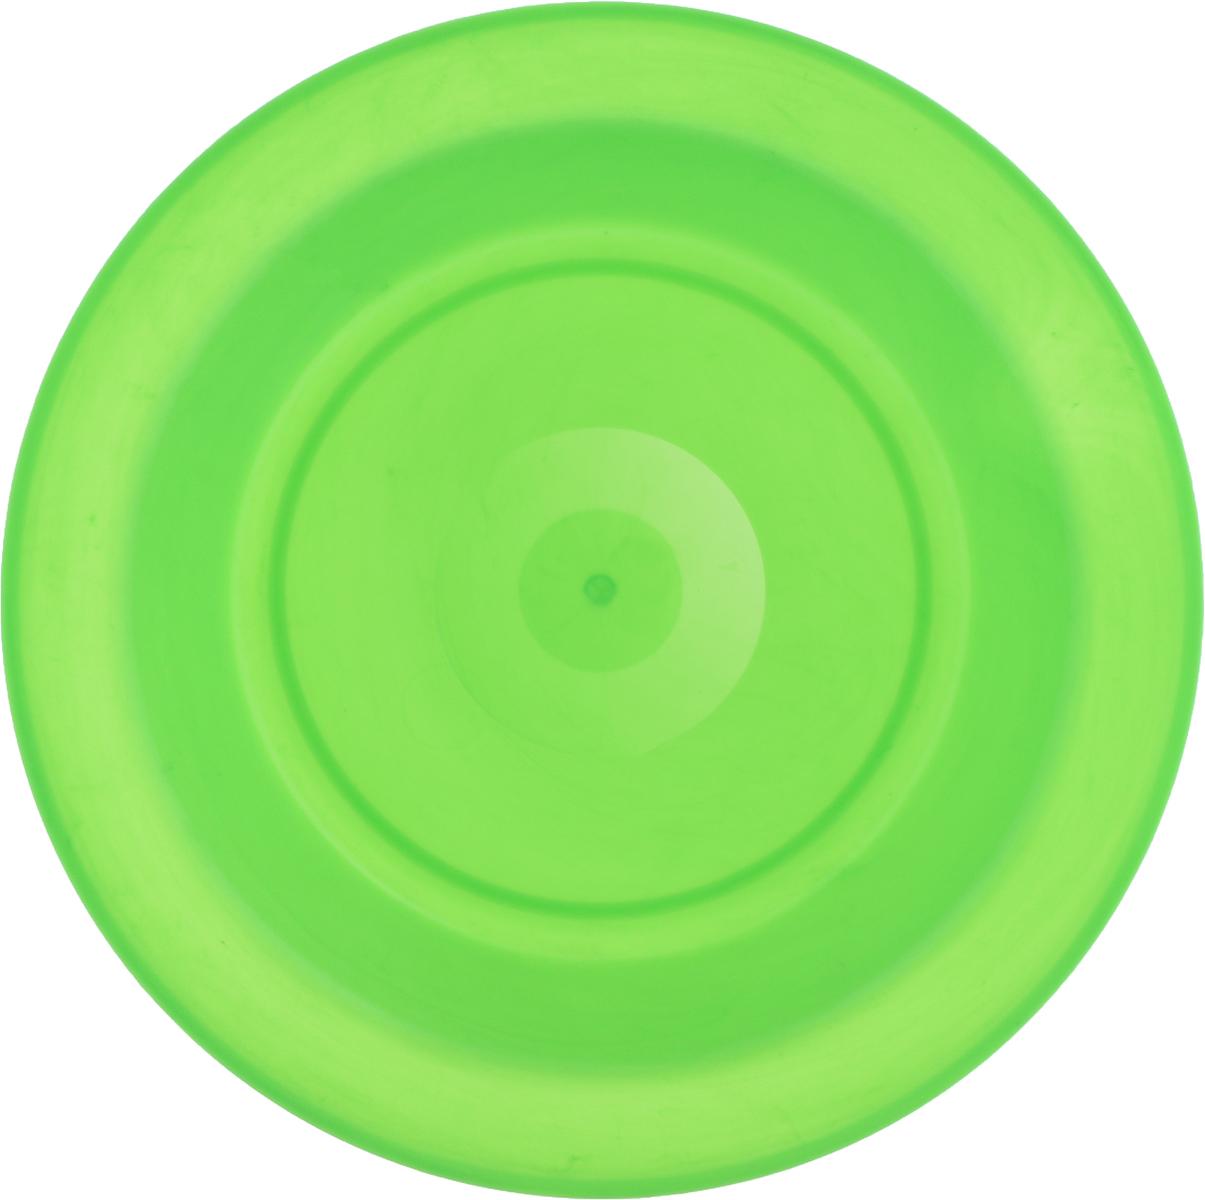 Тарелка Gotoff, цвет: зеленый, диаметр 21 см54 009312Тарелка Gotoff изготовлена из цветного пищевого пластика и предназначена для холодной и горячей пищи. Выдерживает температурный режим в пределах от -25°С до +110°C. Посуду из пластика можно использовать в микроволновой печи, но необходимо, чтобы нагрев не превышал максимально допустимую температуру. Удобная, легкая и практичная посуда для пикника и дачи поможет сервировать стол без хлопот!Диаметр тарелки (по верхнему краю): 21 см. Высота тарелки: 3 см.